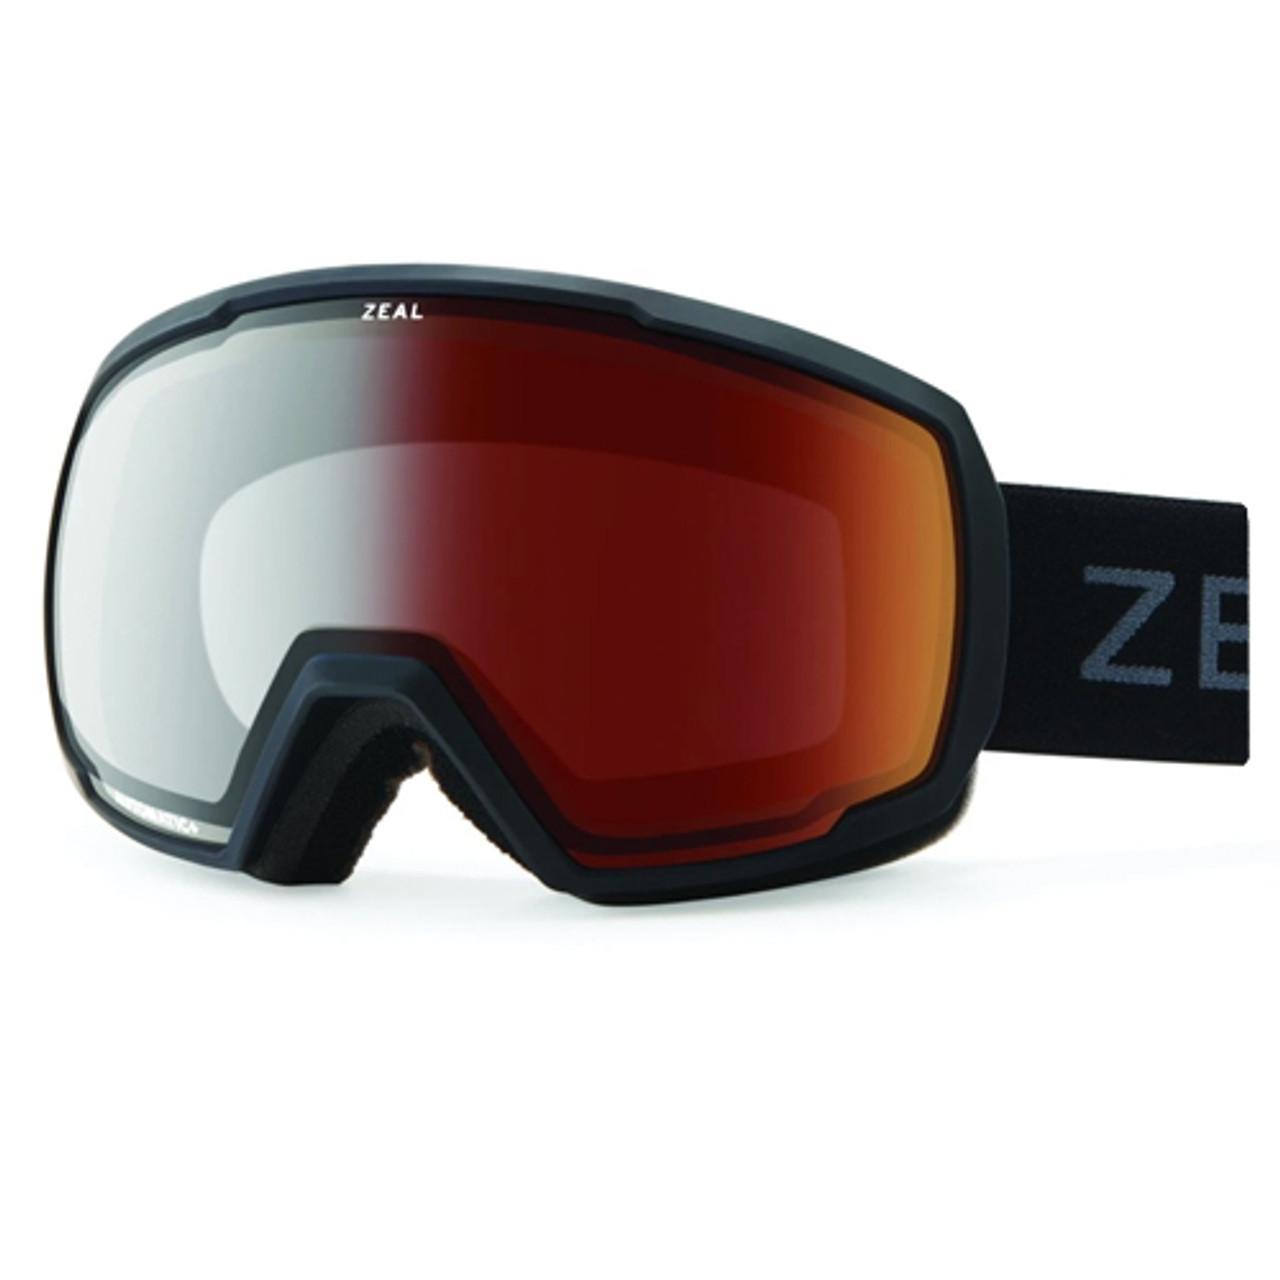 Lens for Zeal Nomad Ski Goggles